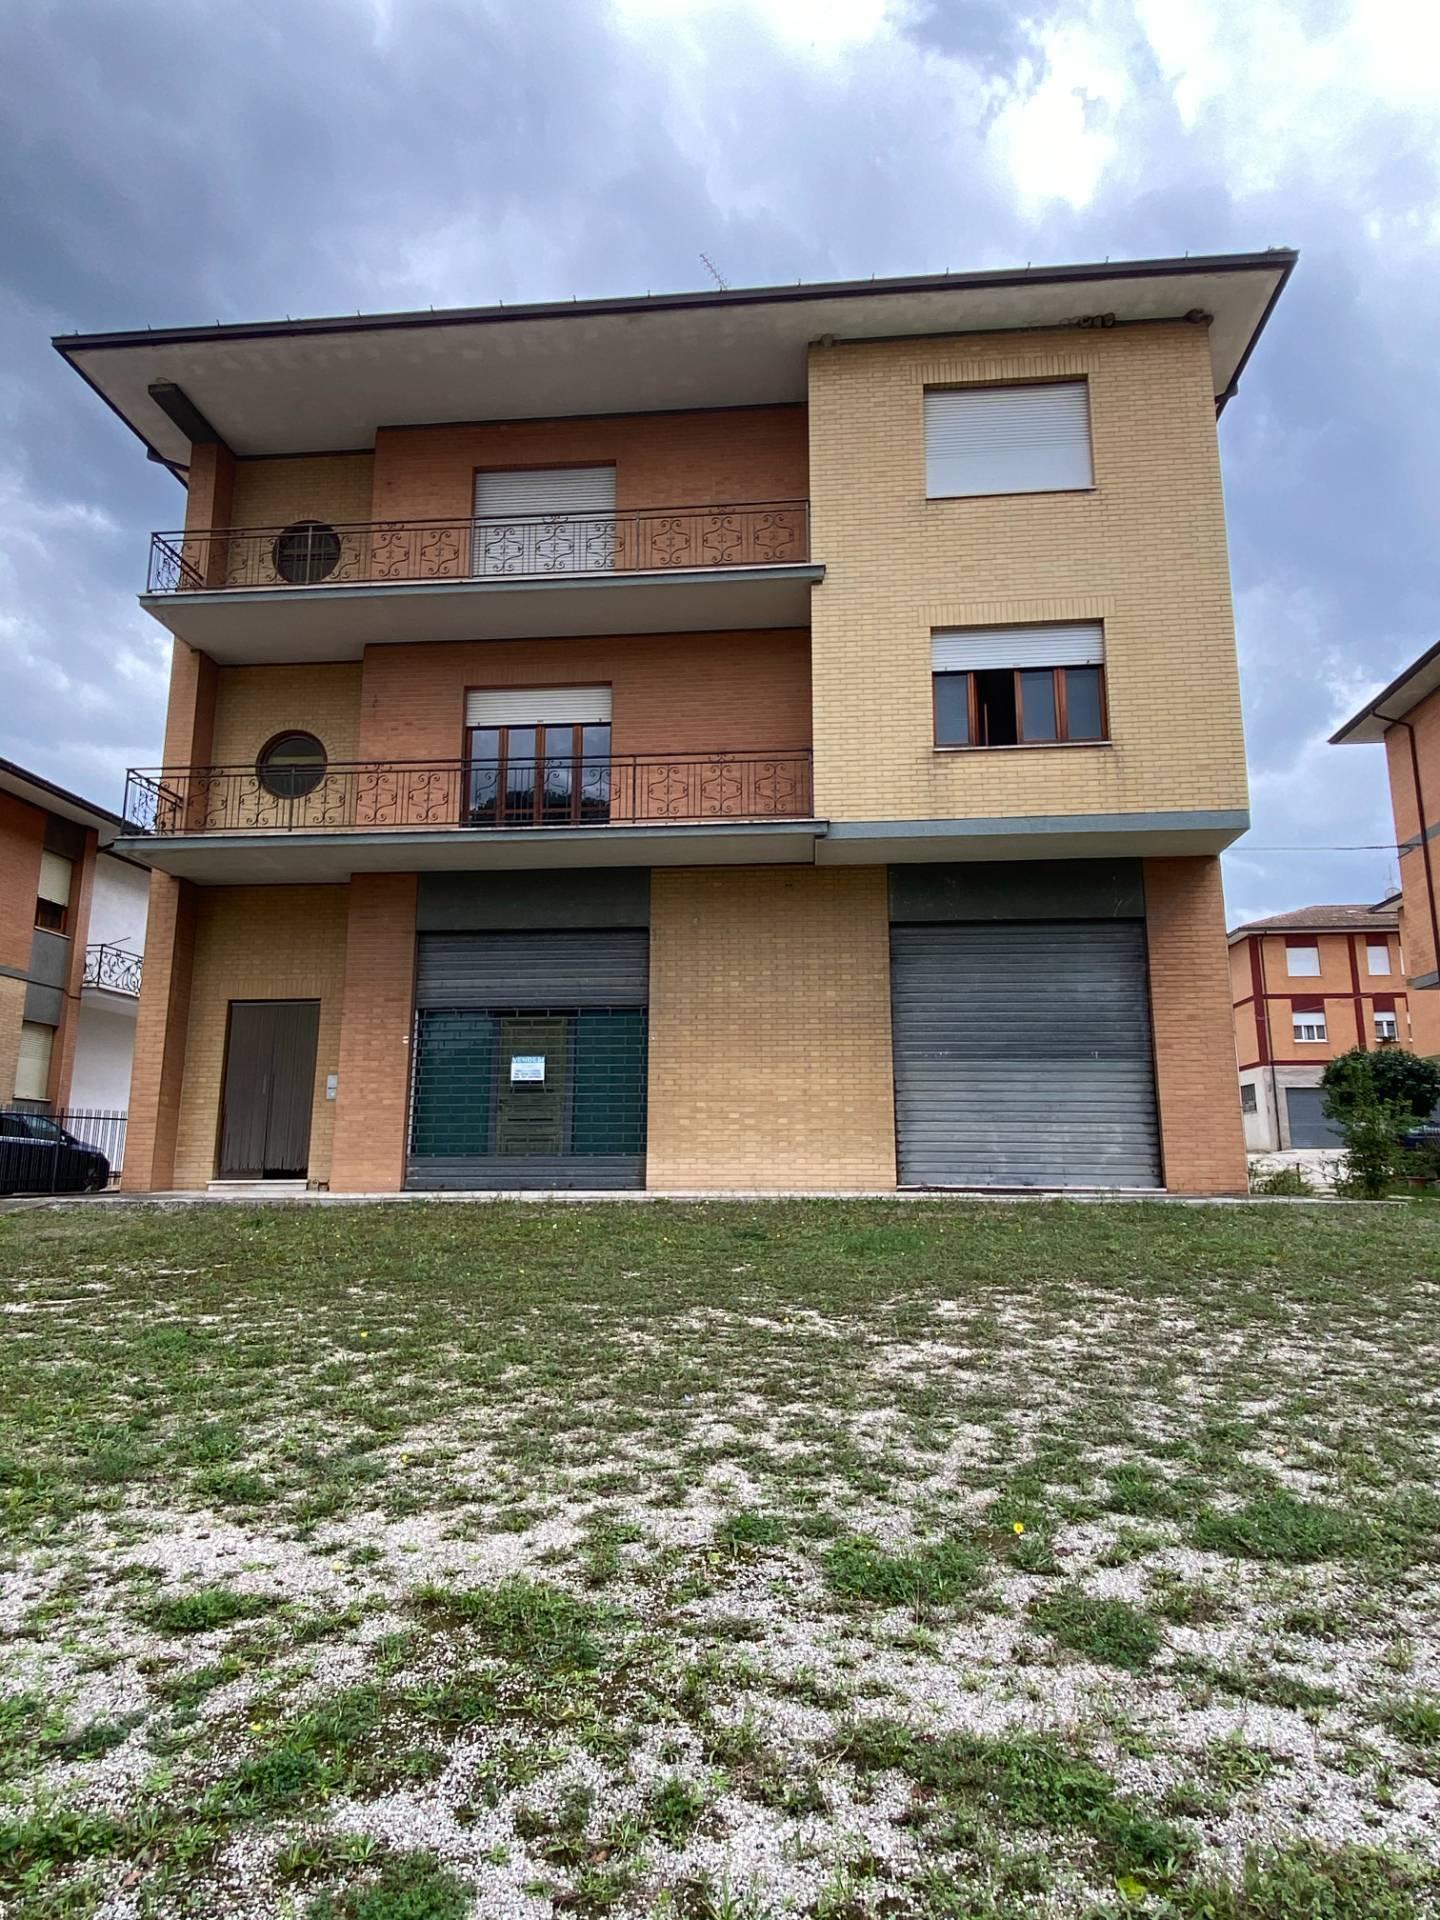 Soluzione Indipendente in vendita a Servigliano, 8 locali, Trattative riservate | CambioCasa.it